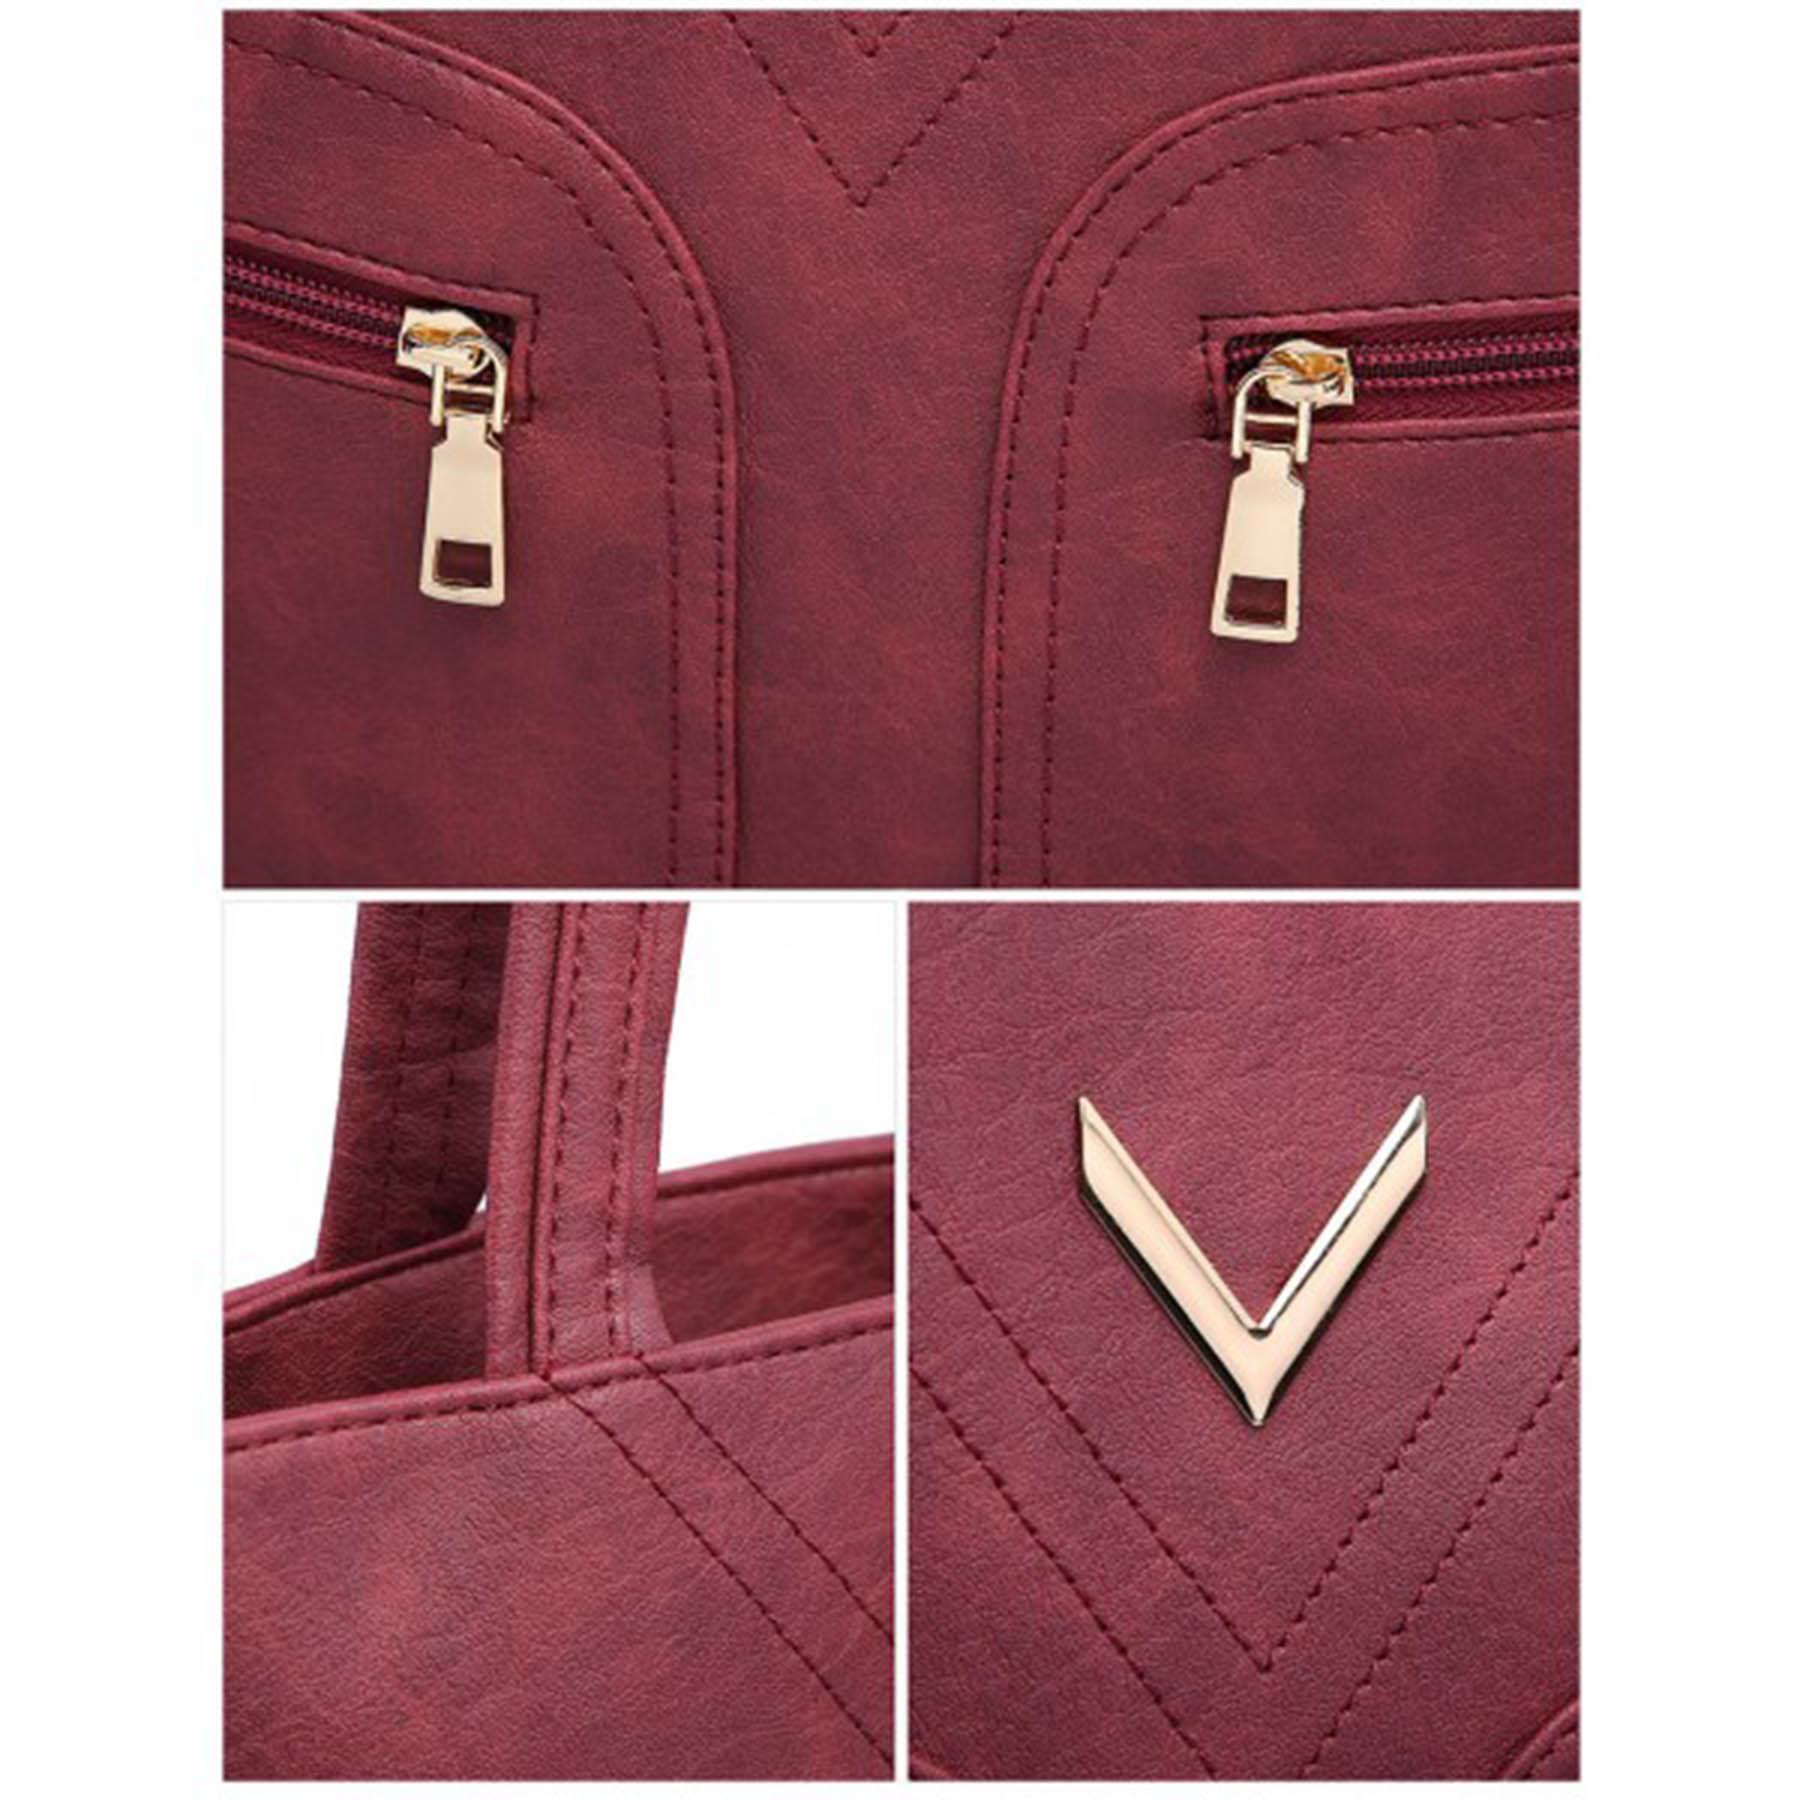 New-Ladies-Metallic-Detail-Double-Zipper-Faux-Leather-Shopper-Shoulder-Tote-Bag thumbnail 12